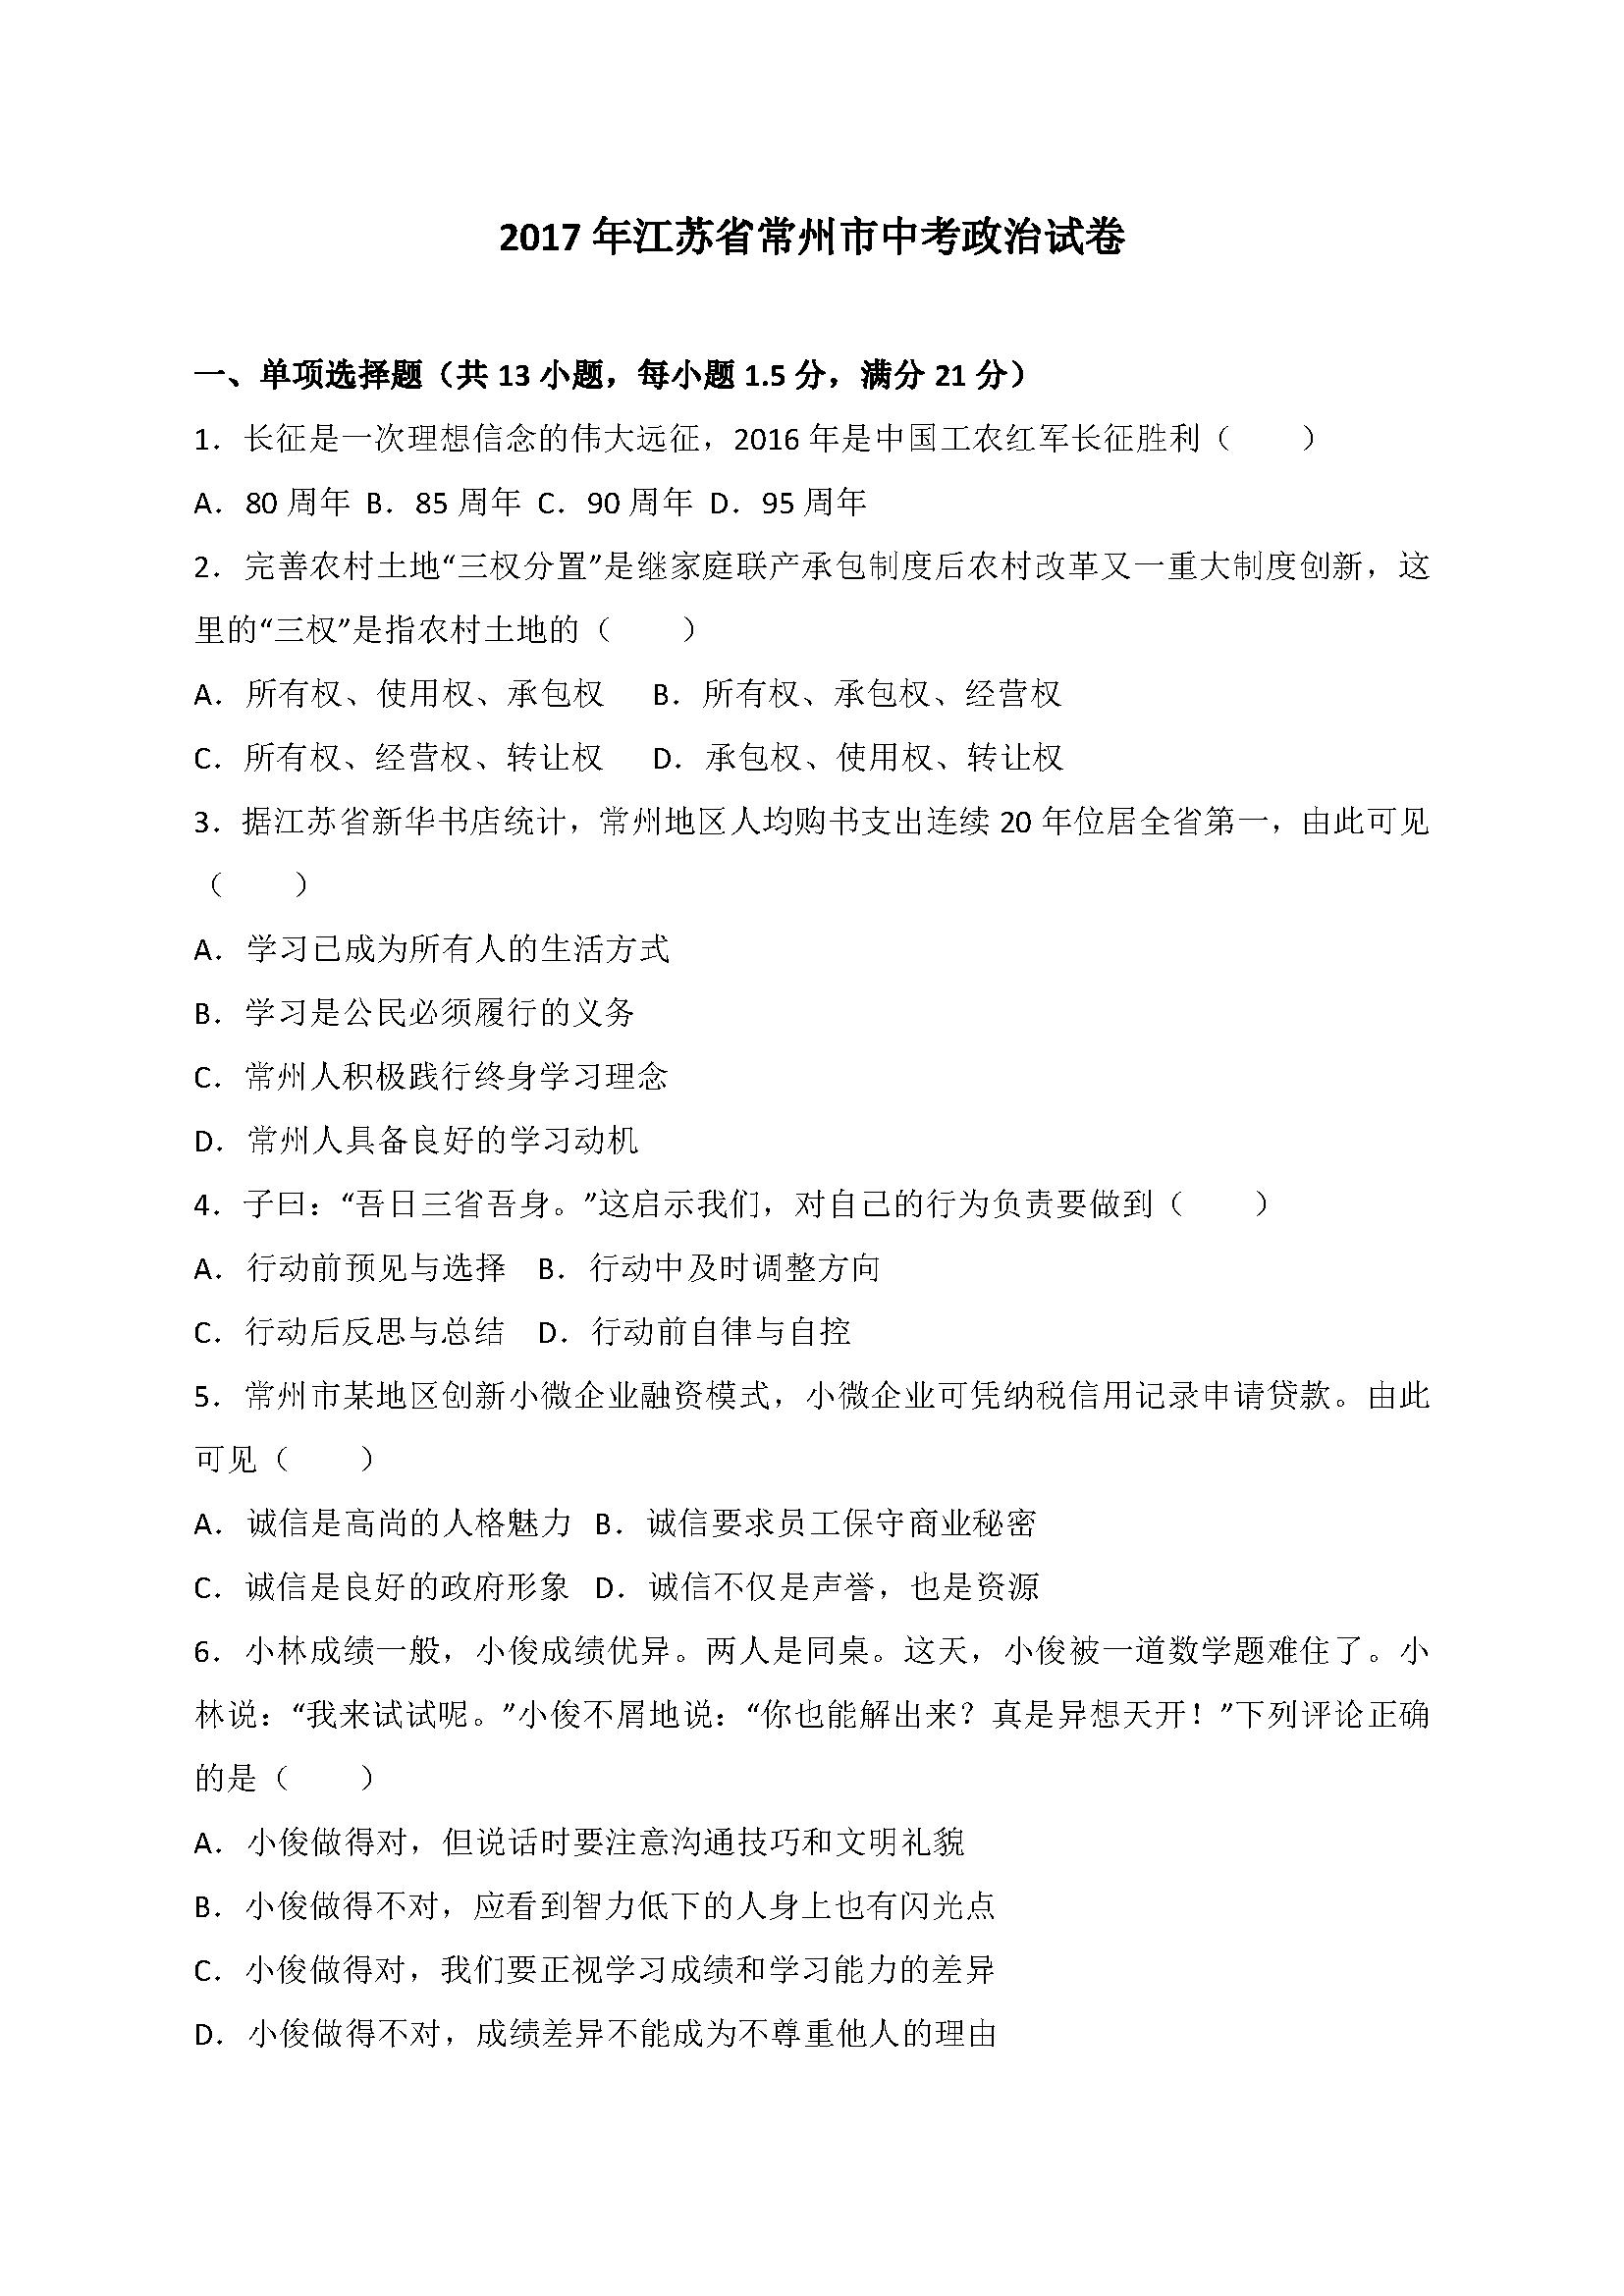 江苏常州2017中考思想品德试题(Word版)